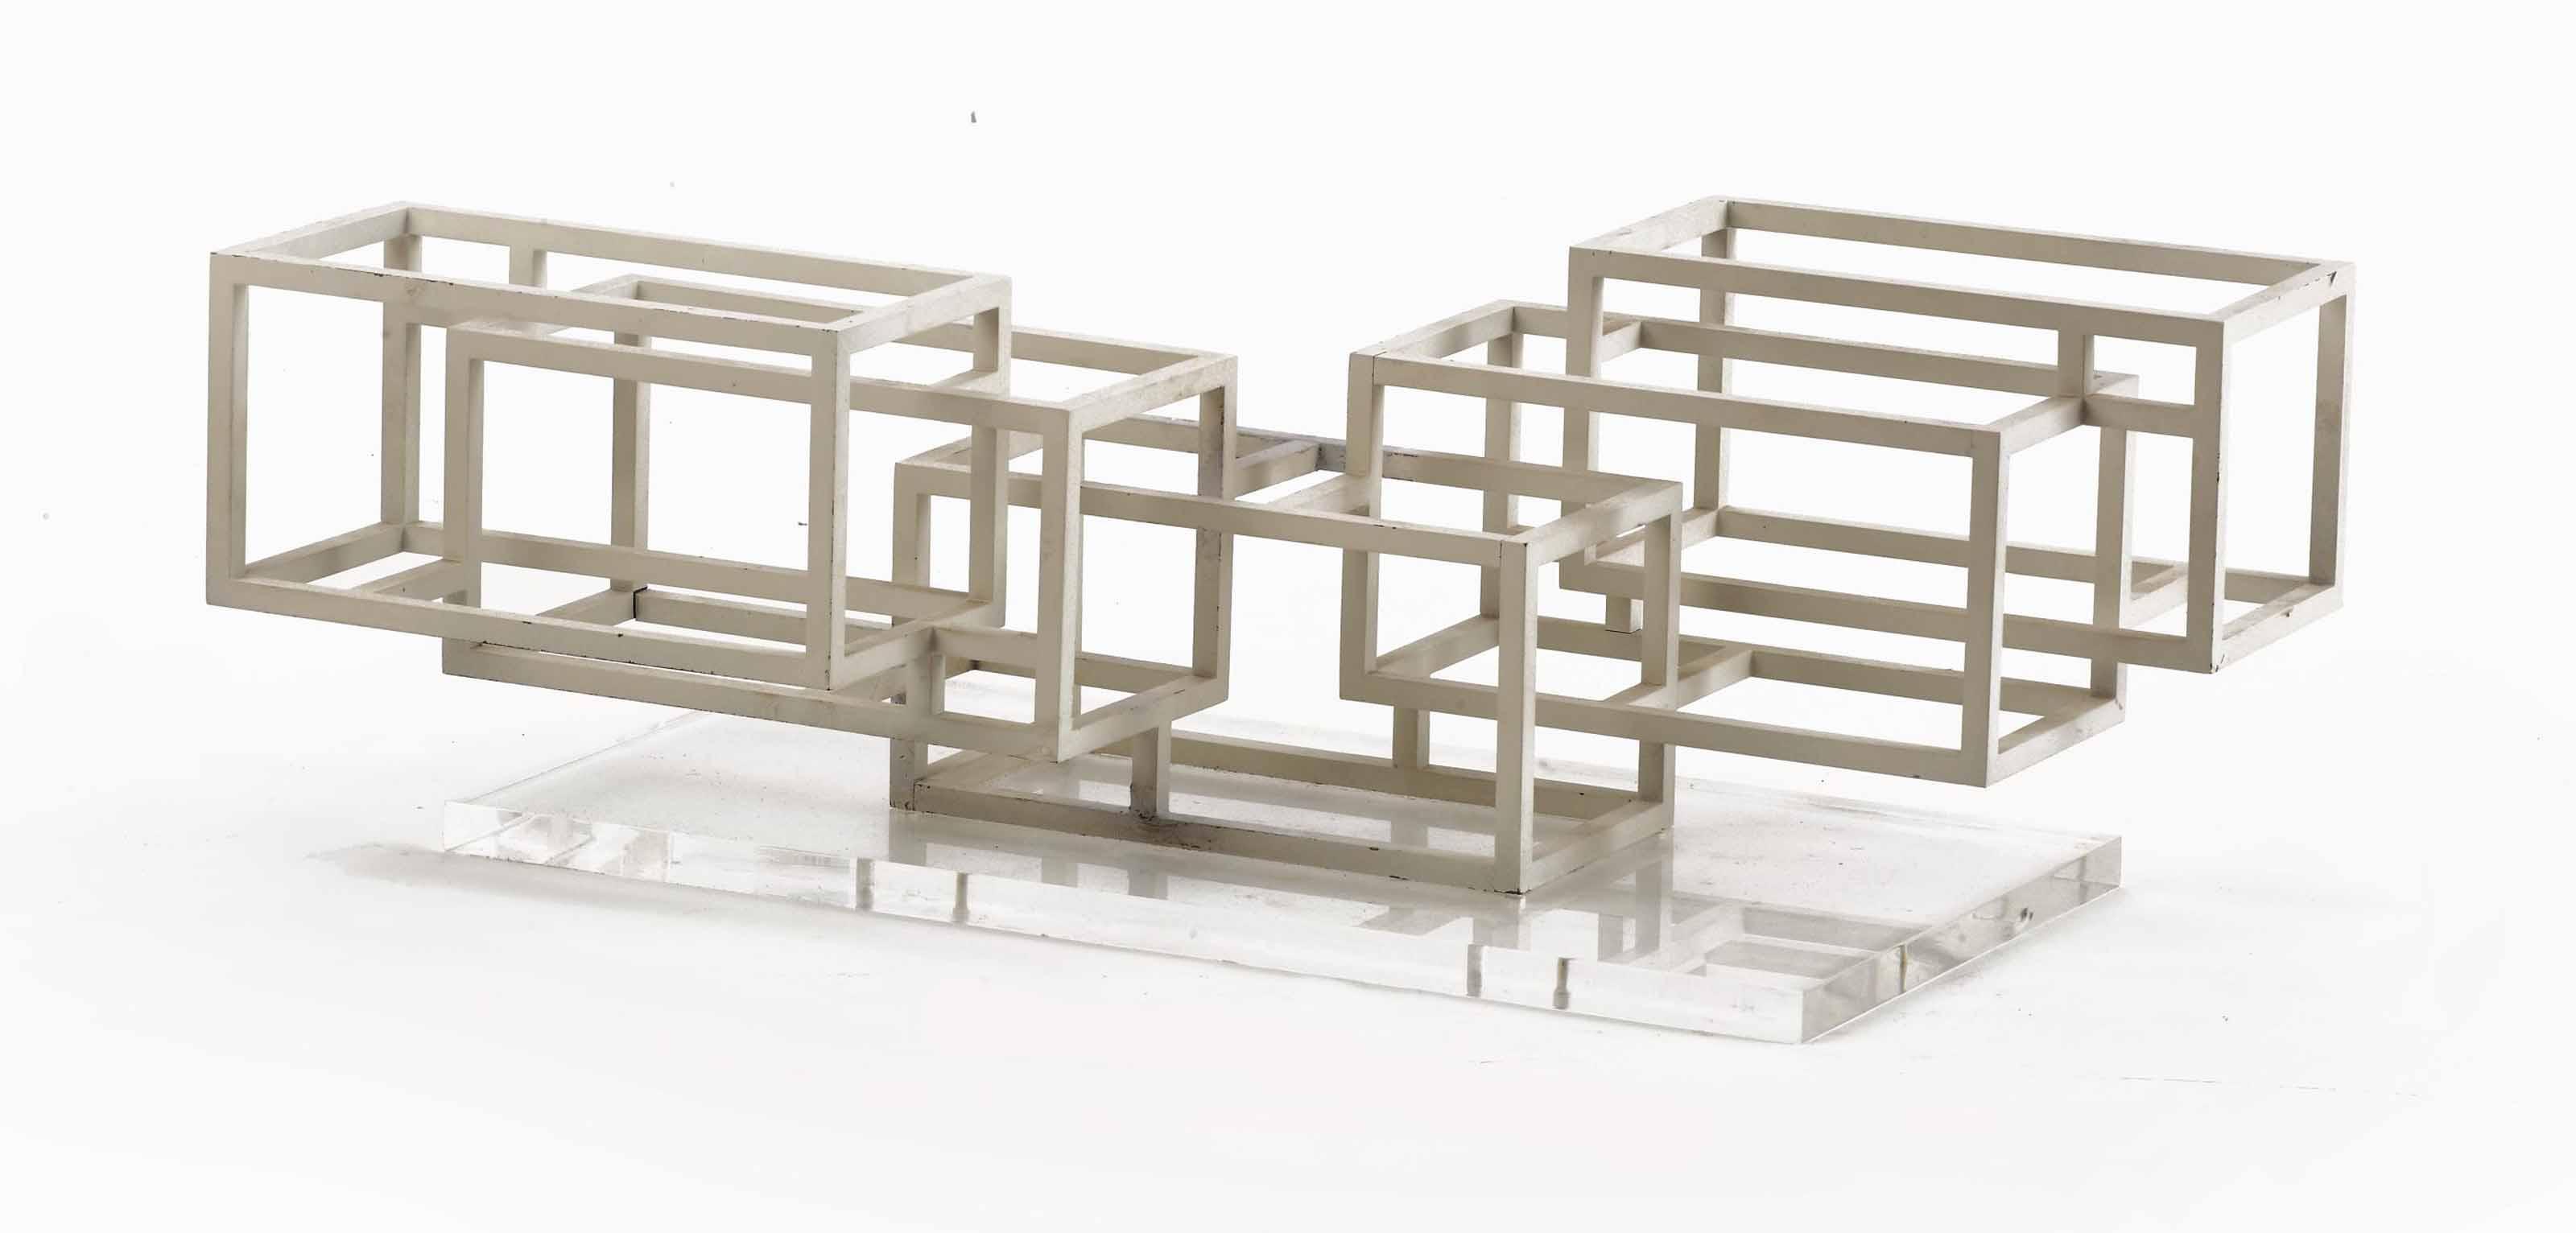 Synthetische constructie F 11